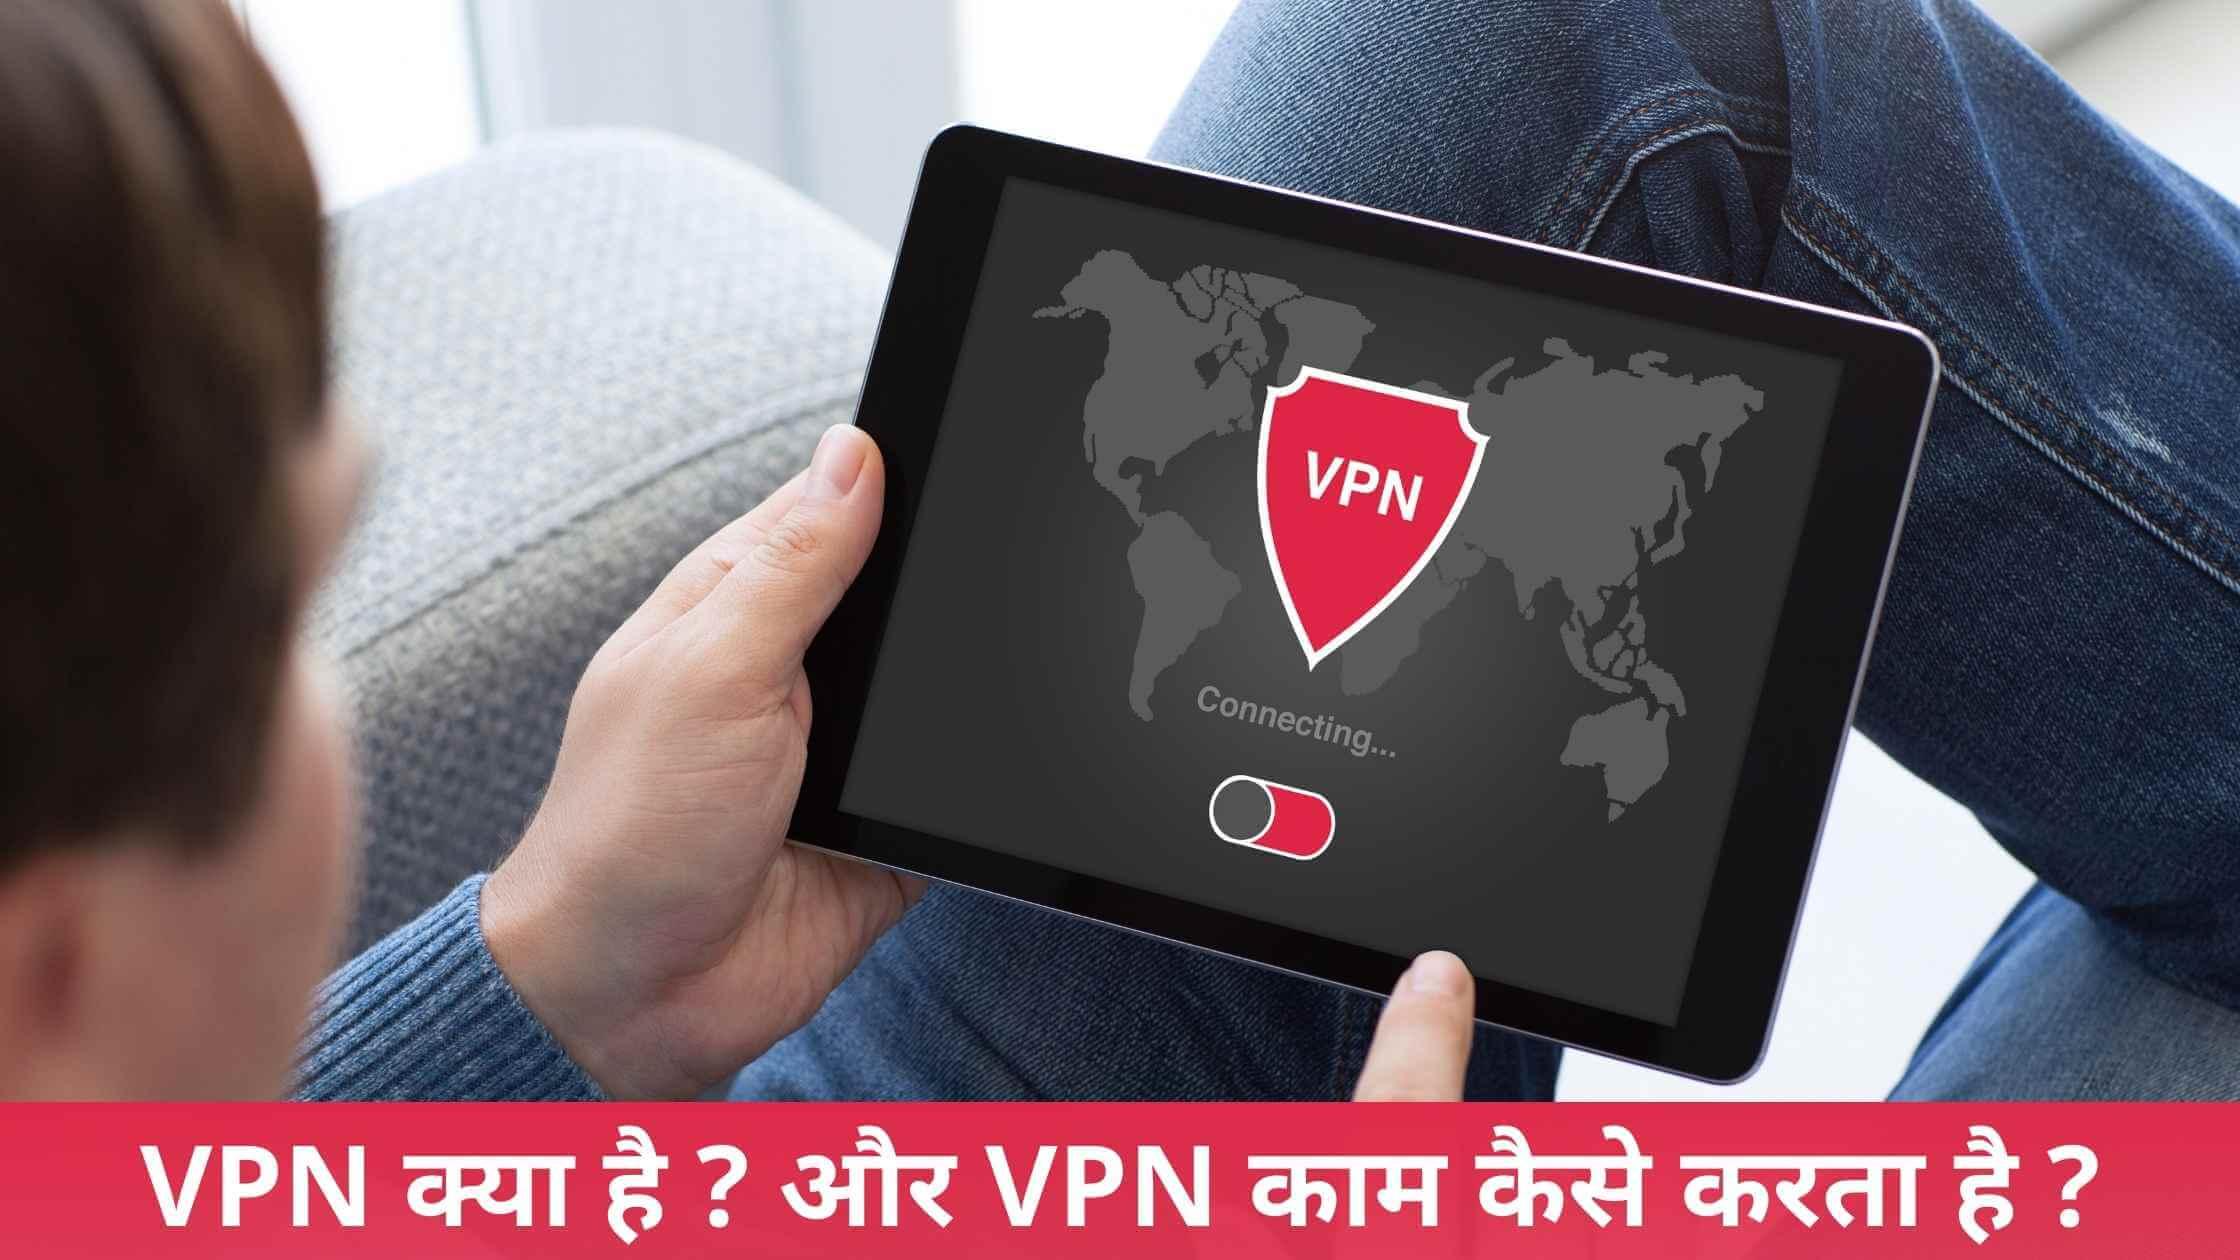 VPN क्या है ? और VPN काम कैसे करता है ?